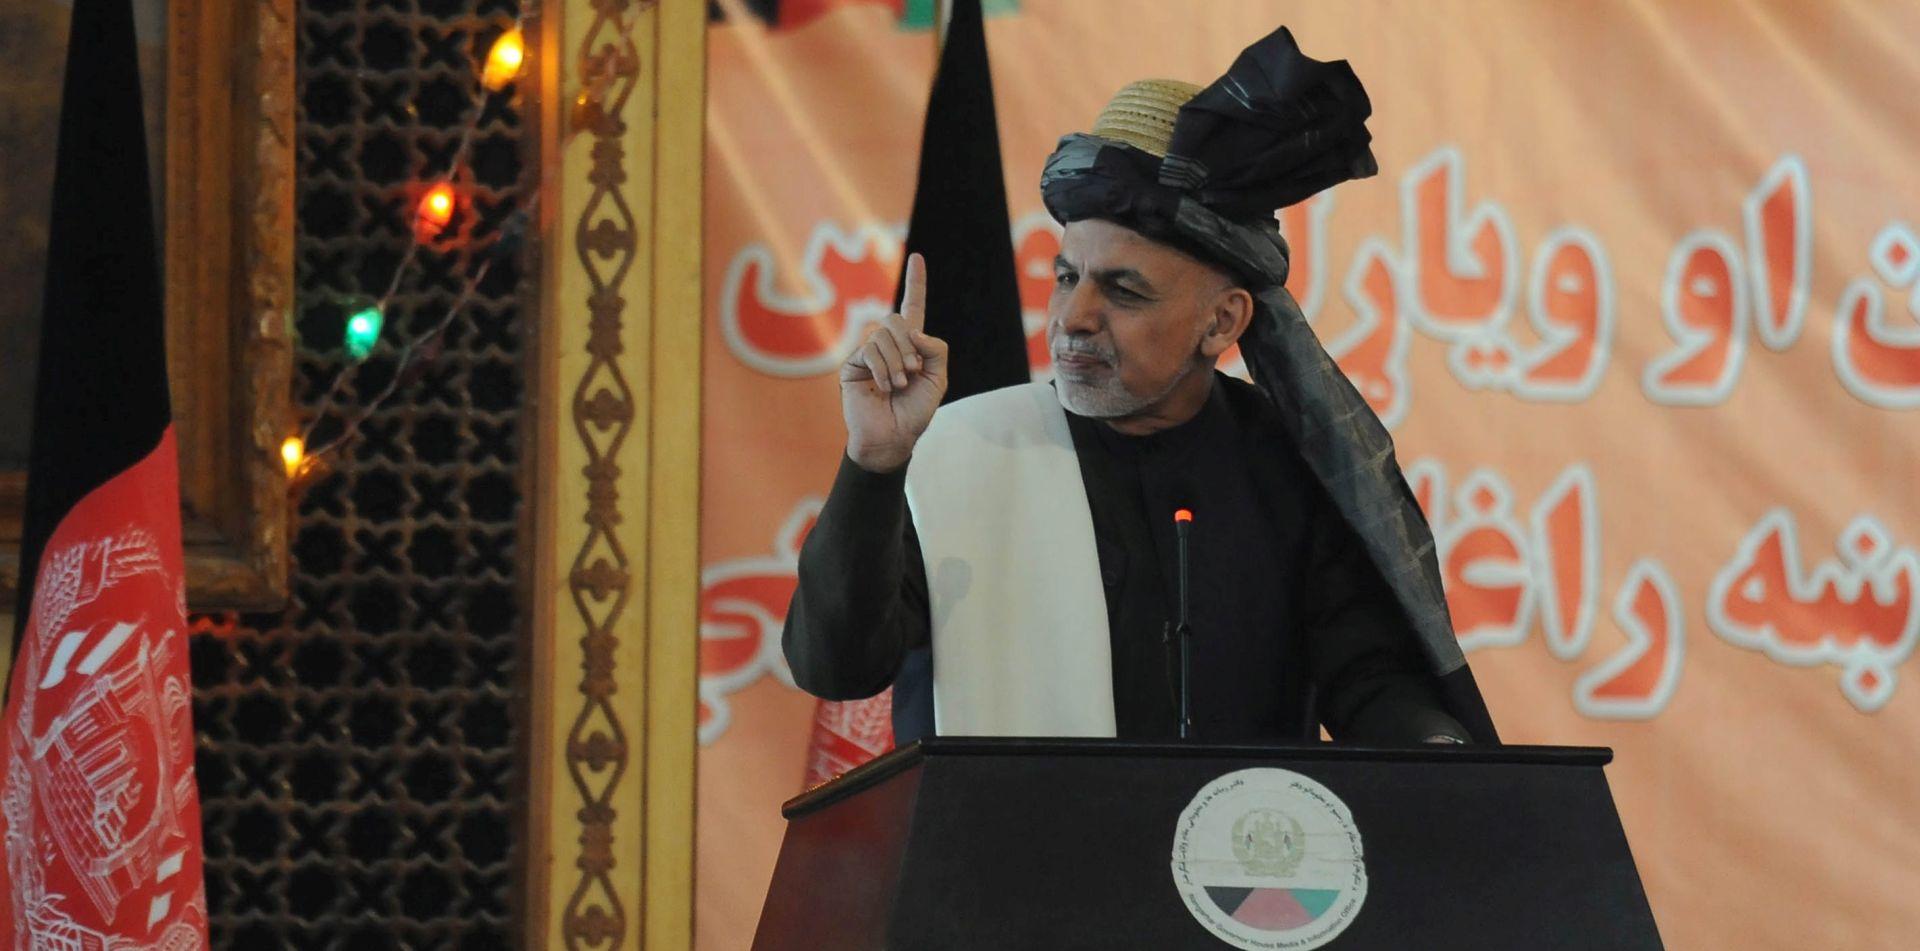 Ubijen vođa pakistanskih talibana